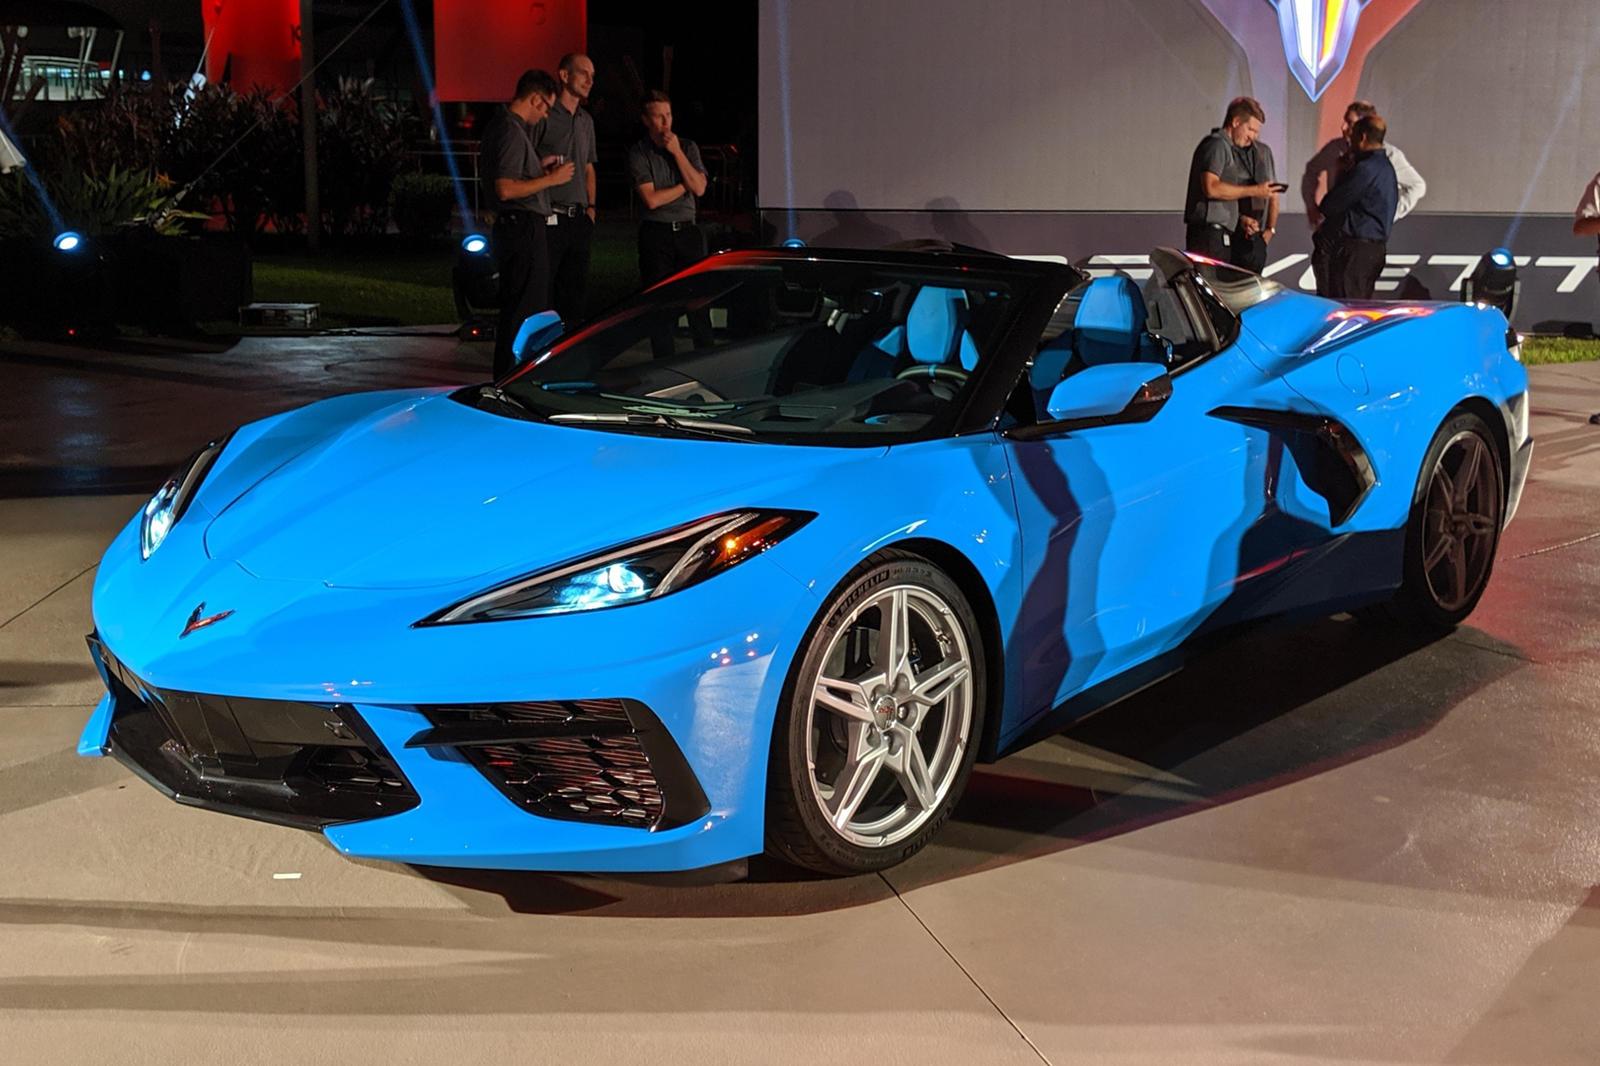 87007 Good News! Corvette Convertible Won't Skip 2020 After All